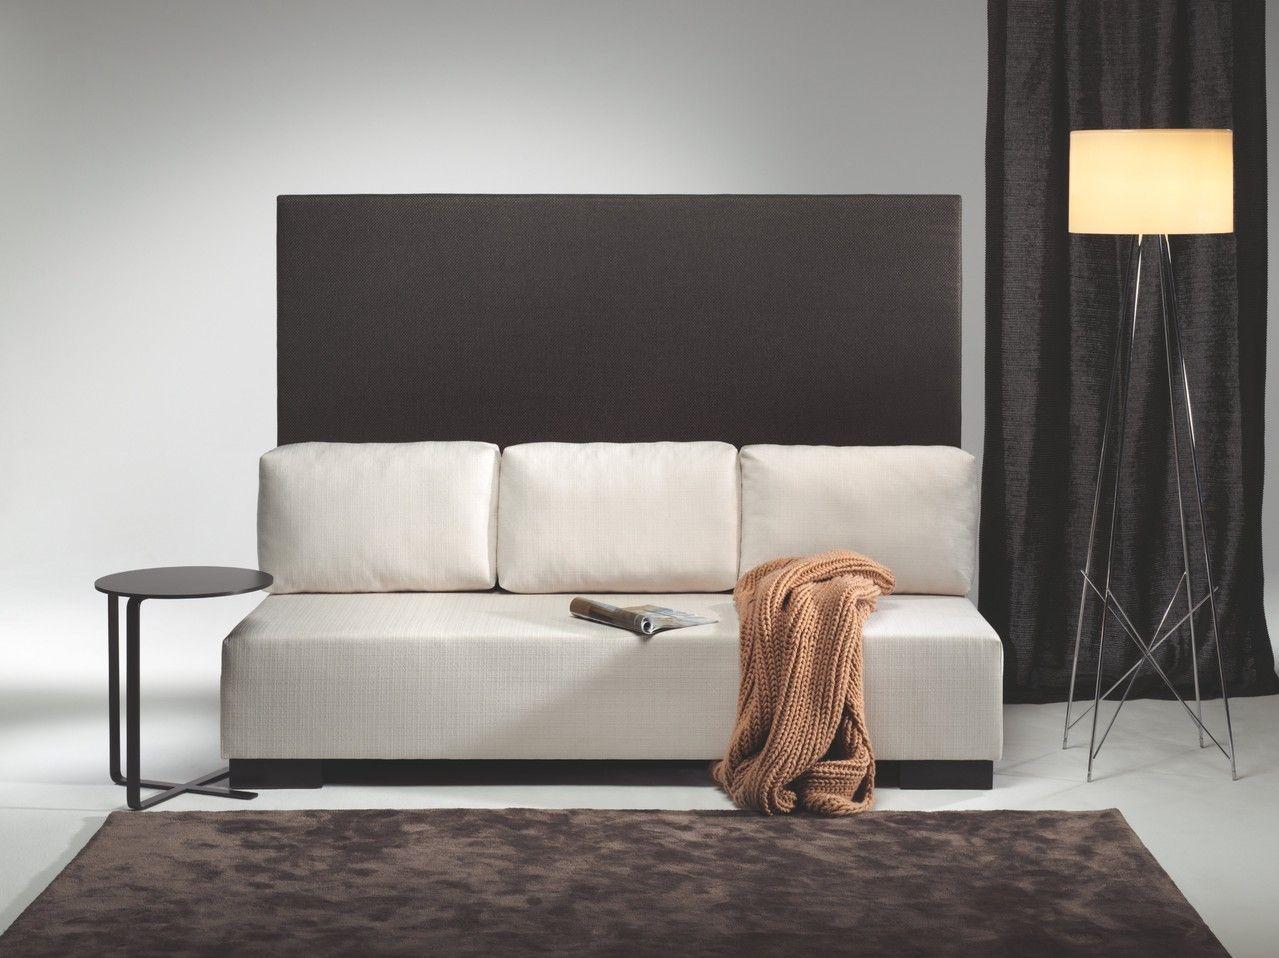 Bettsofa Design click home3 schweizer design swiss made bettsessel bettsofa